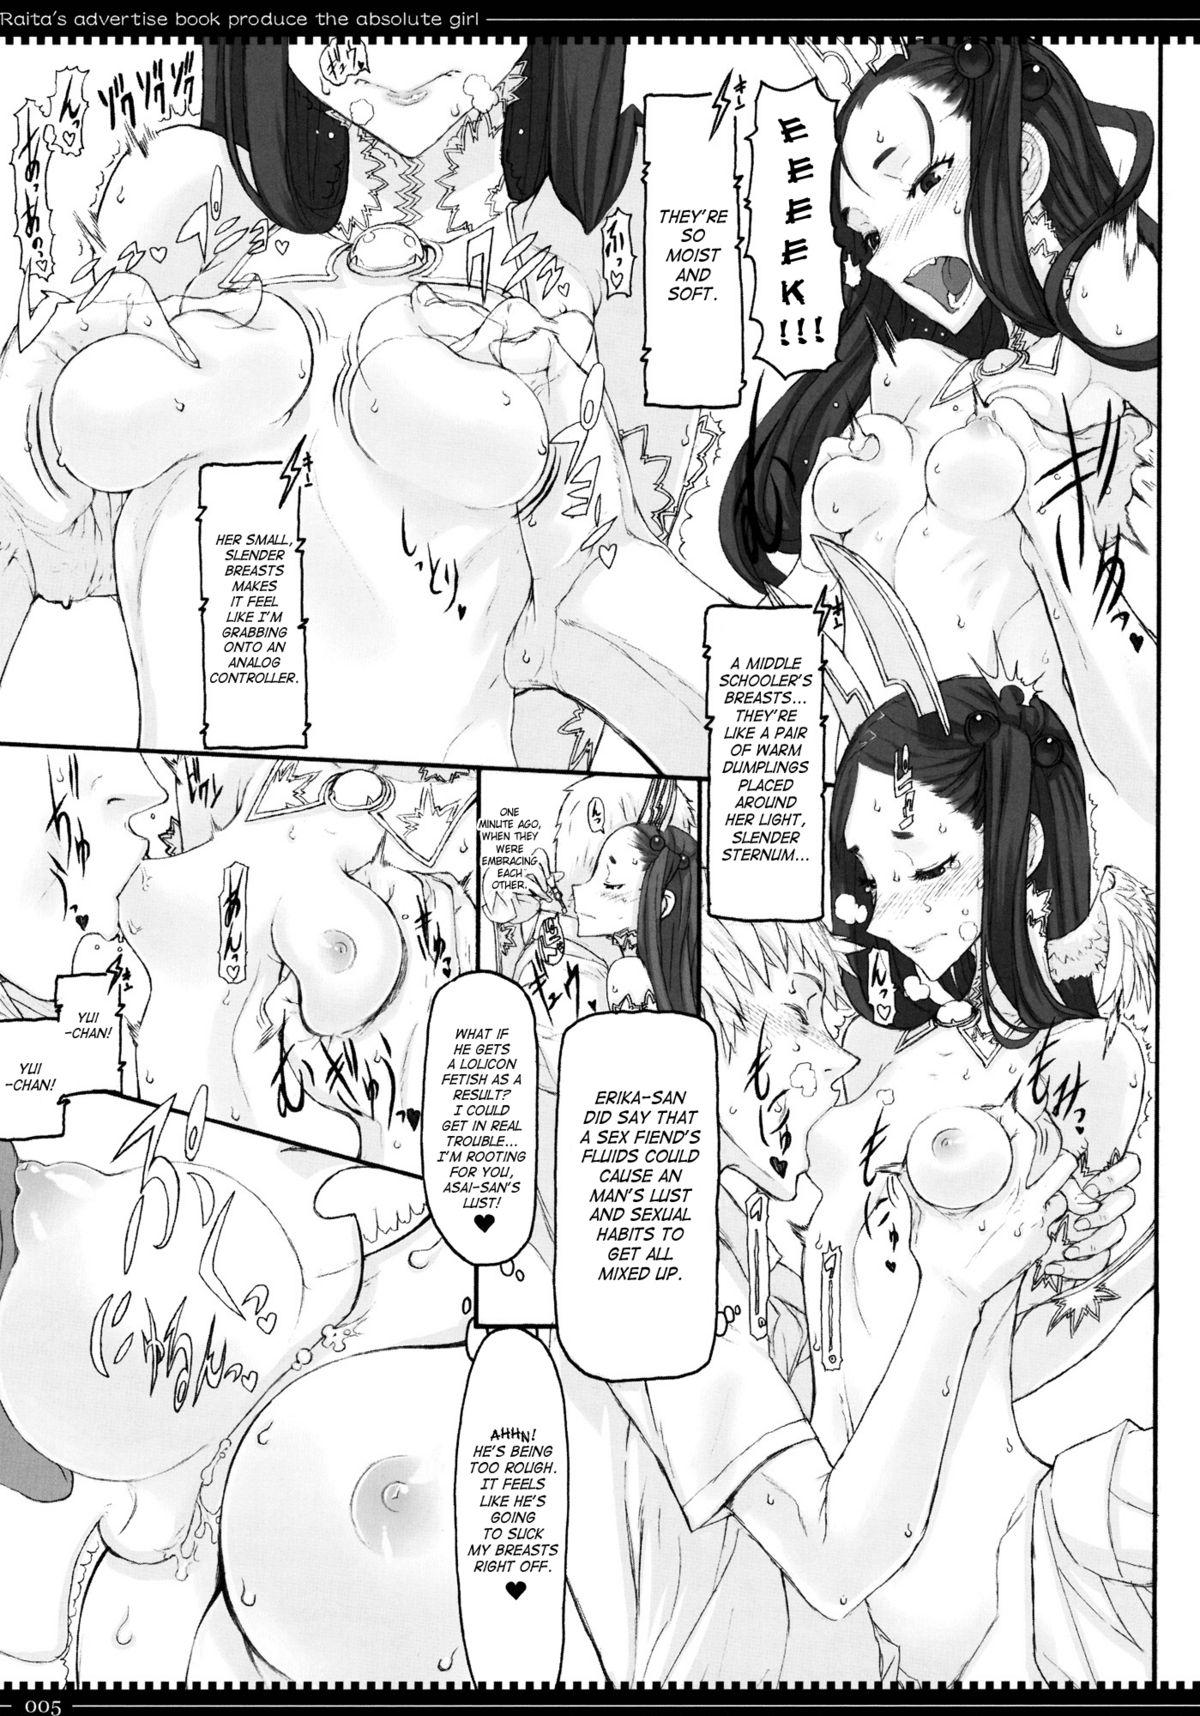 Mahou Shoujo 8.0 3